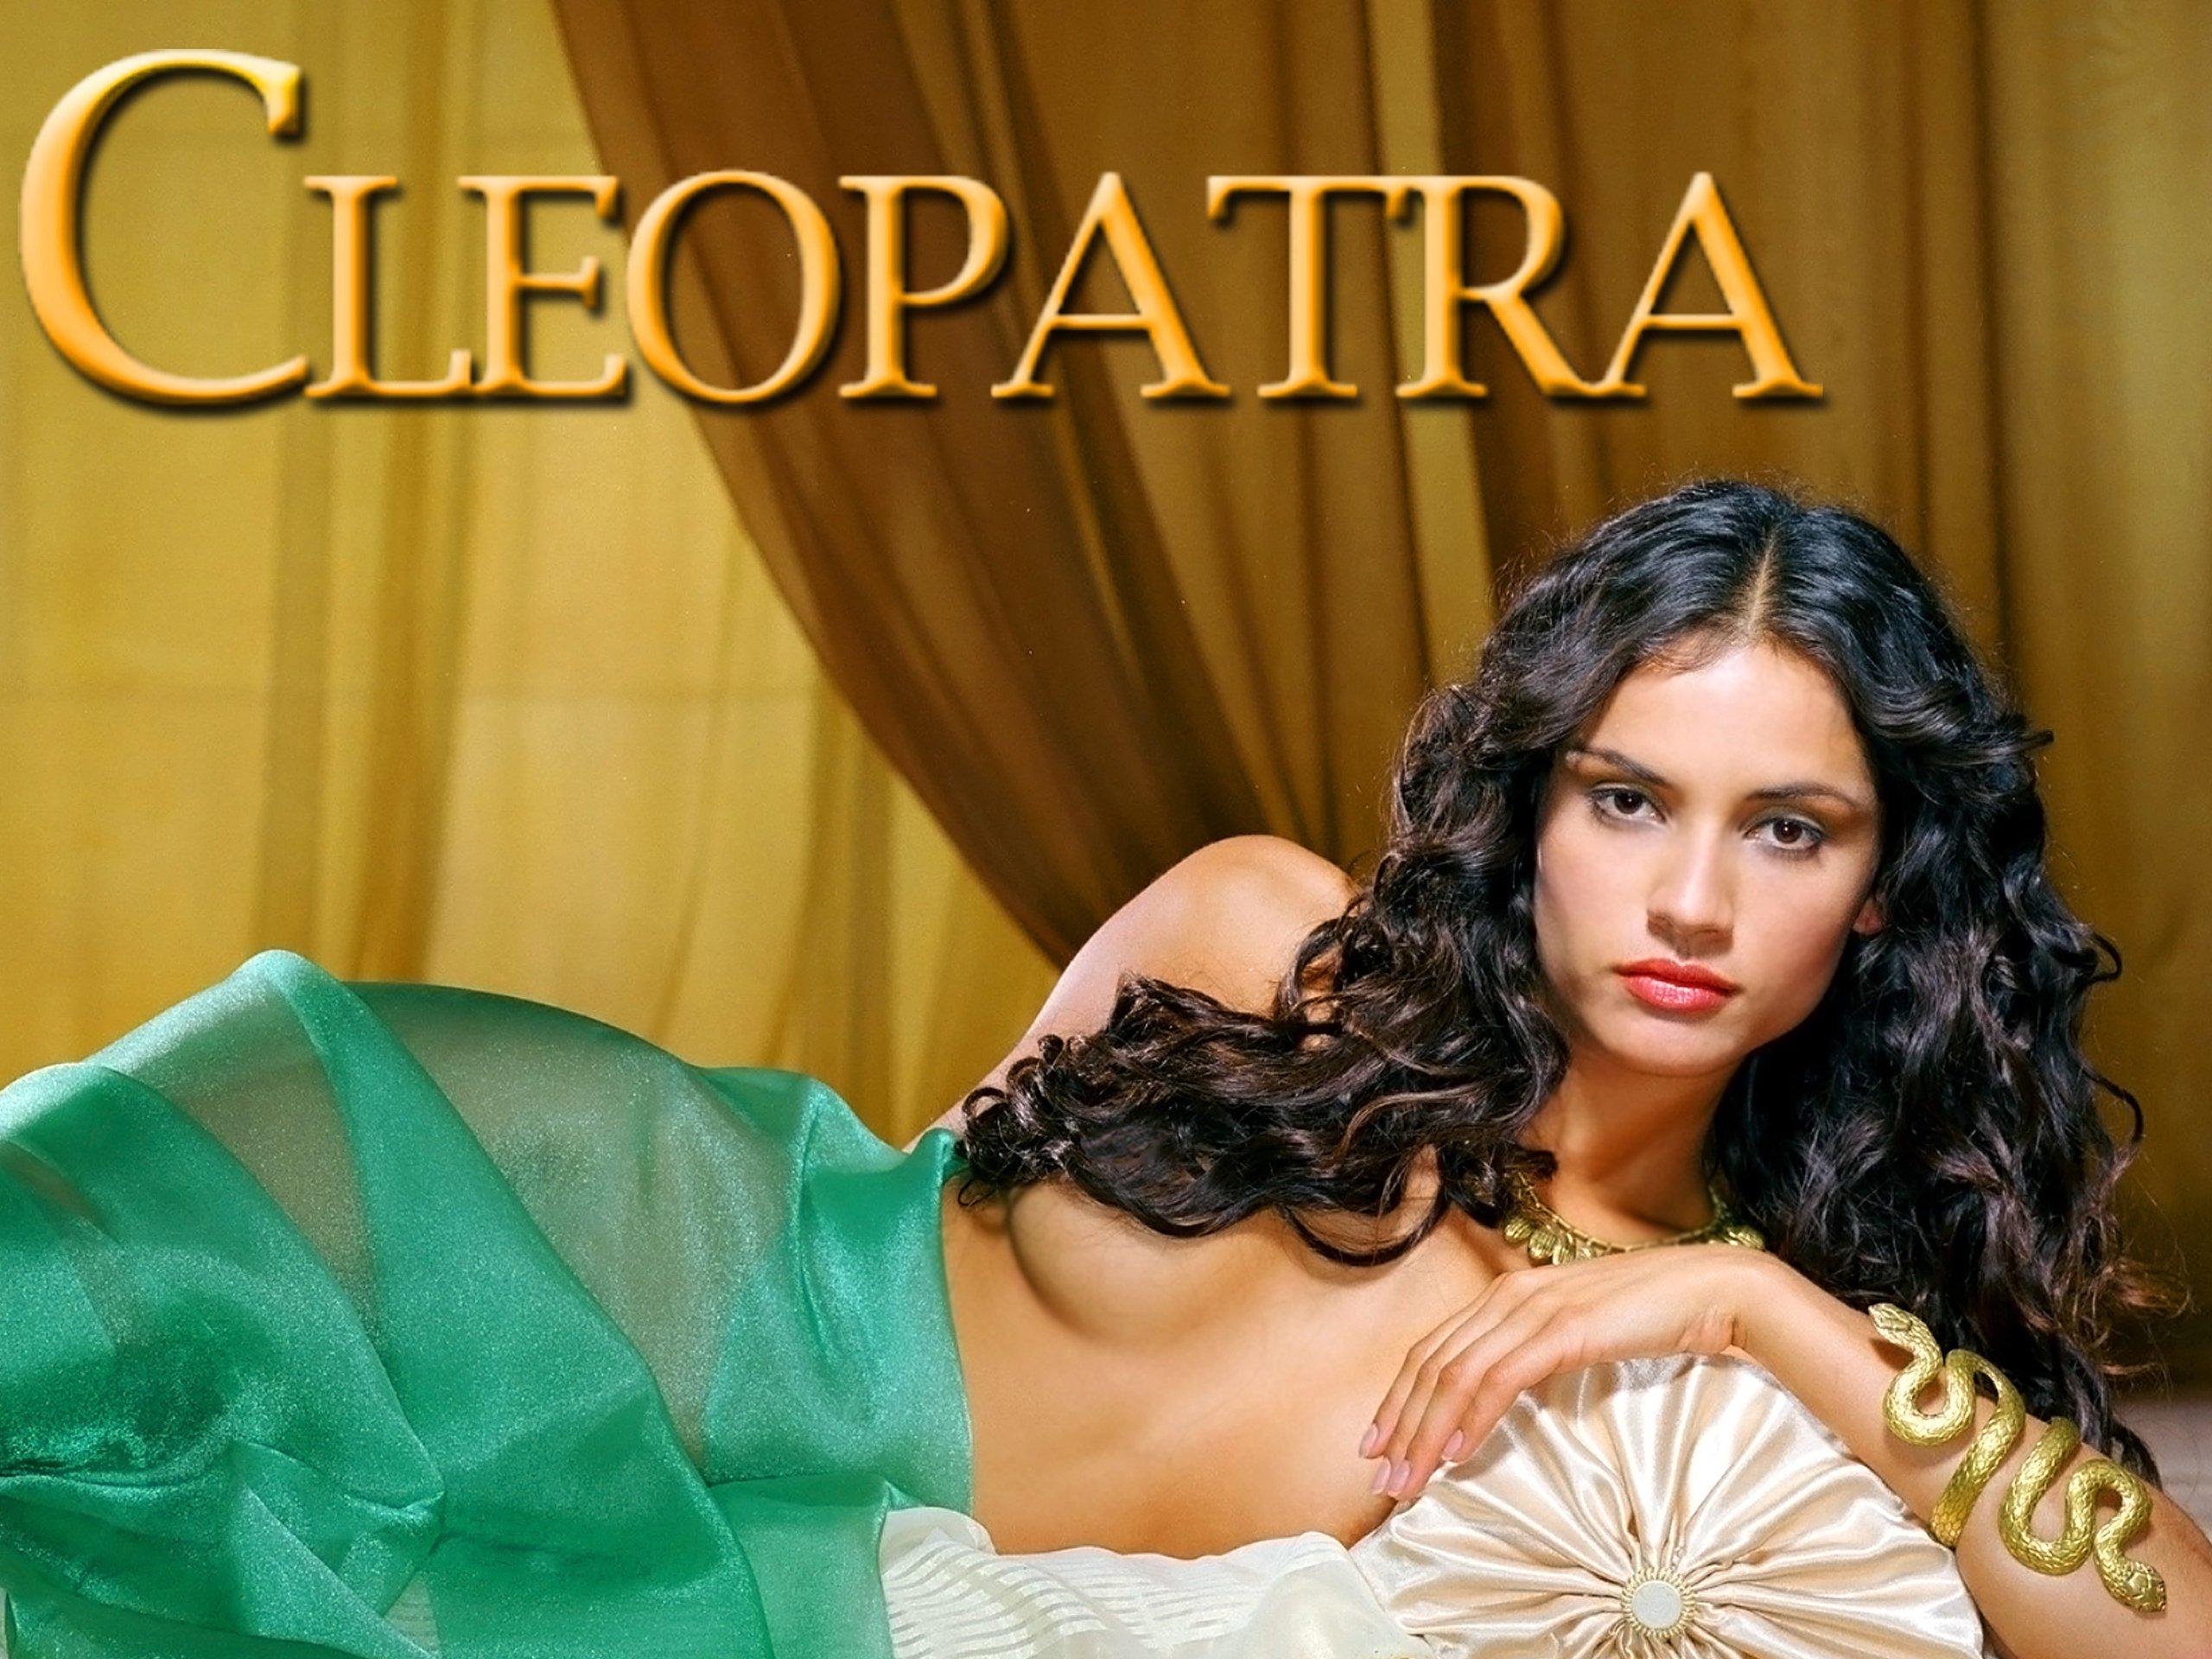 cleopatra hot